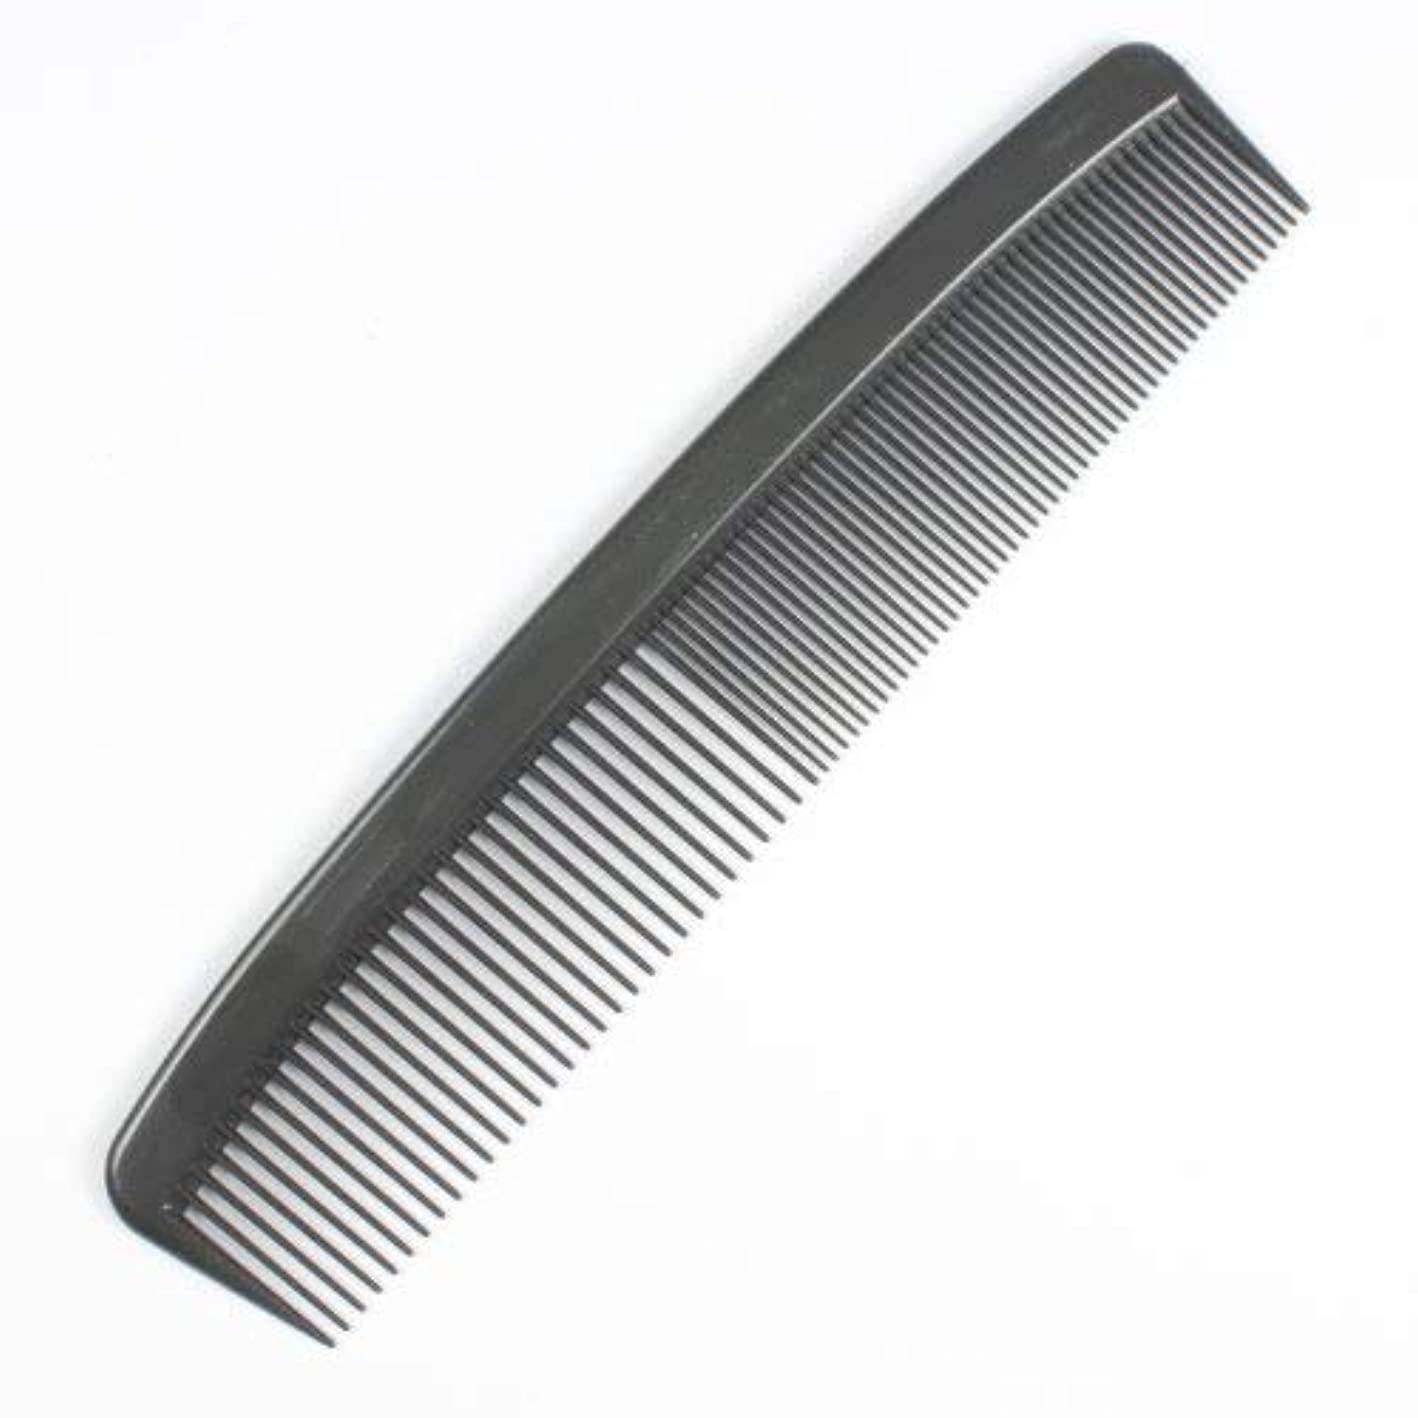 枕機転ベストDynarex Adult Combs, 5 Inches, Black, 240 Count [並行輸入品]